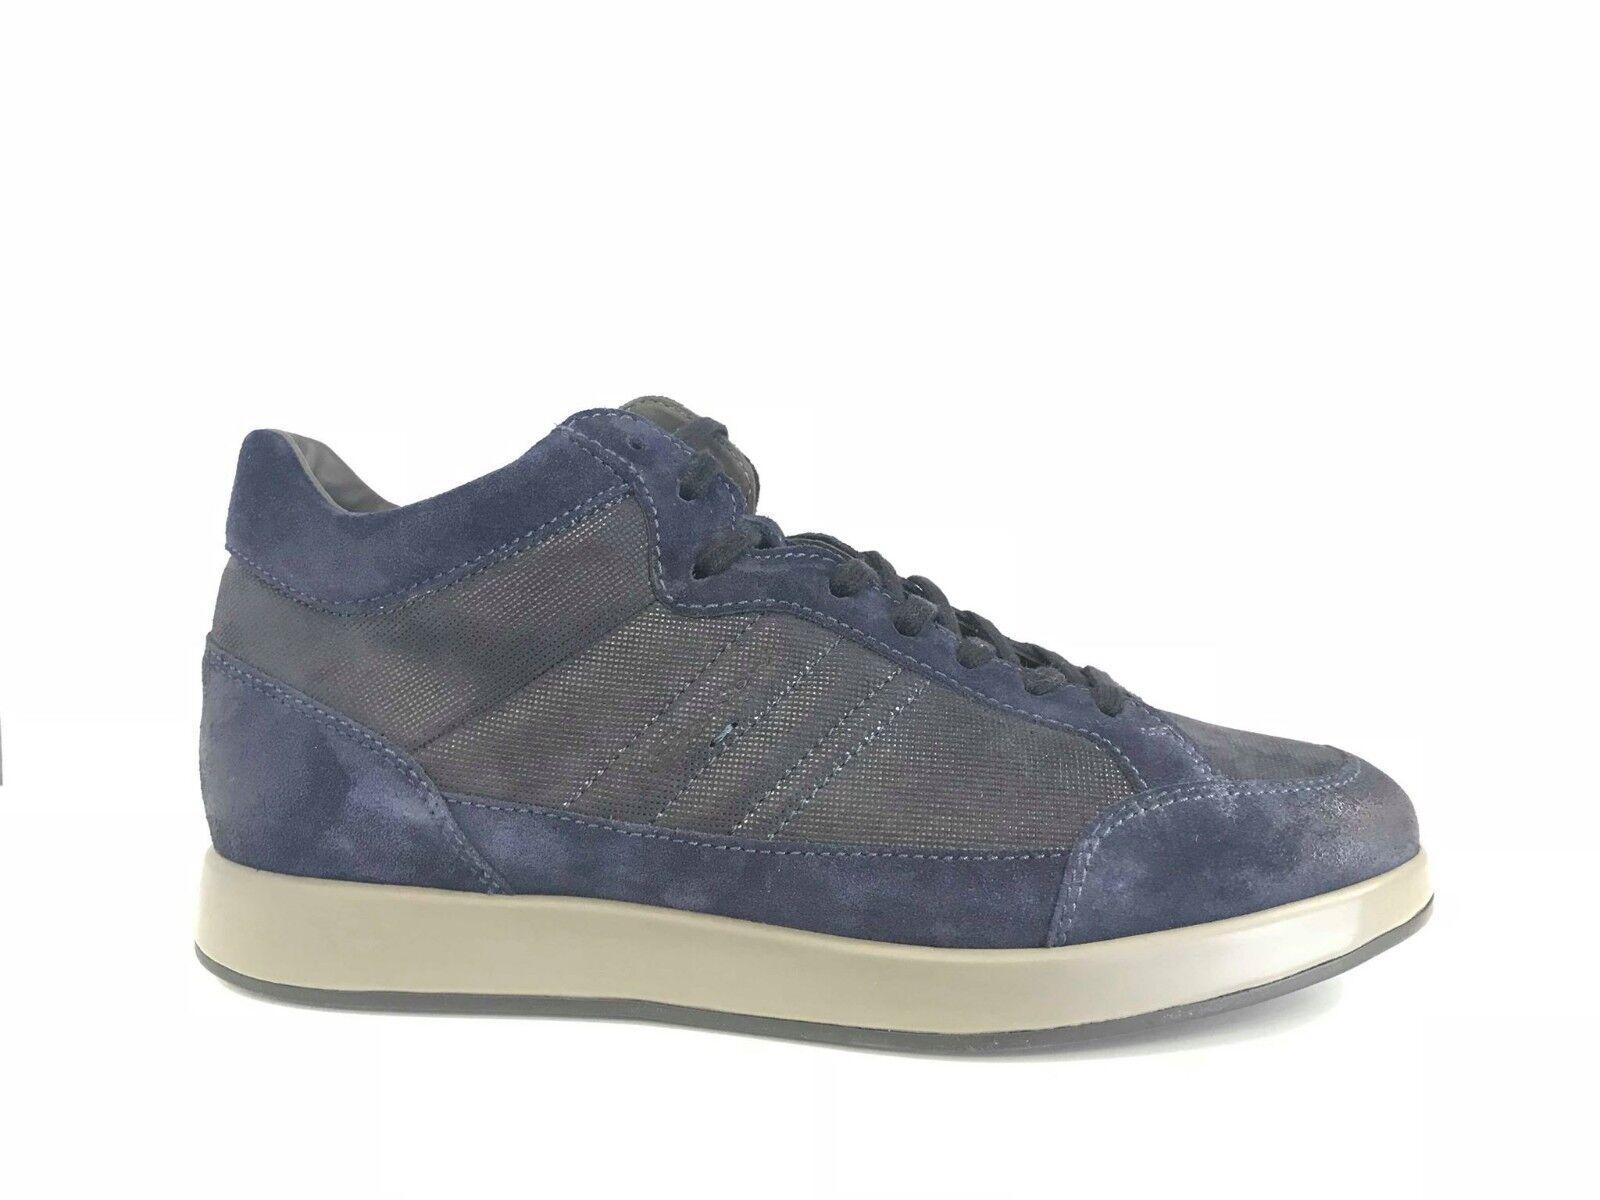 GRAN OFERTA Santoni hombre zapatos safari con cordones ante ante ante azul (135SU) 978036